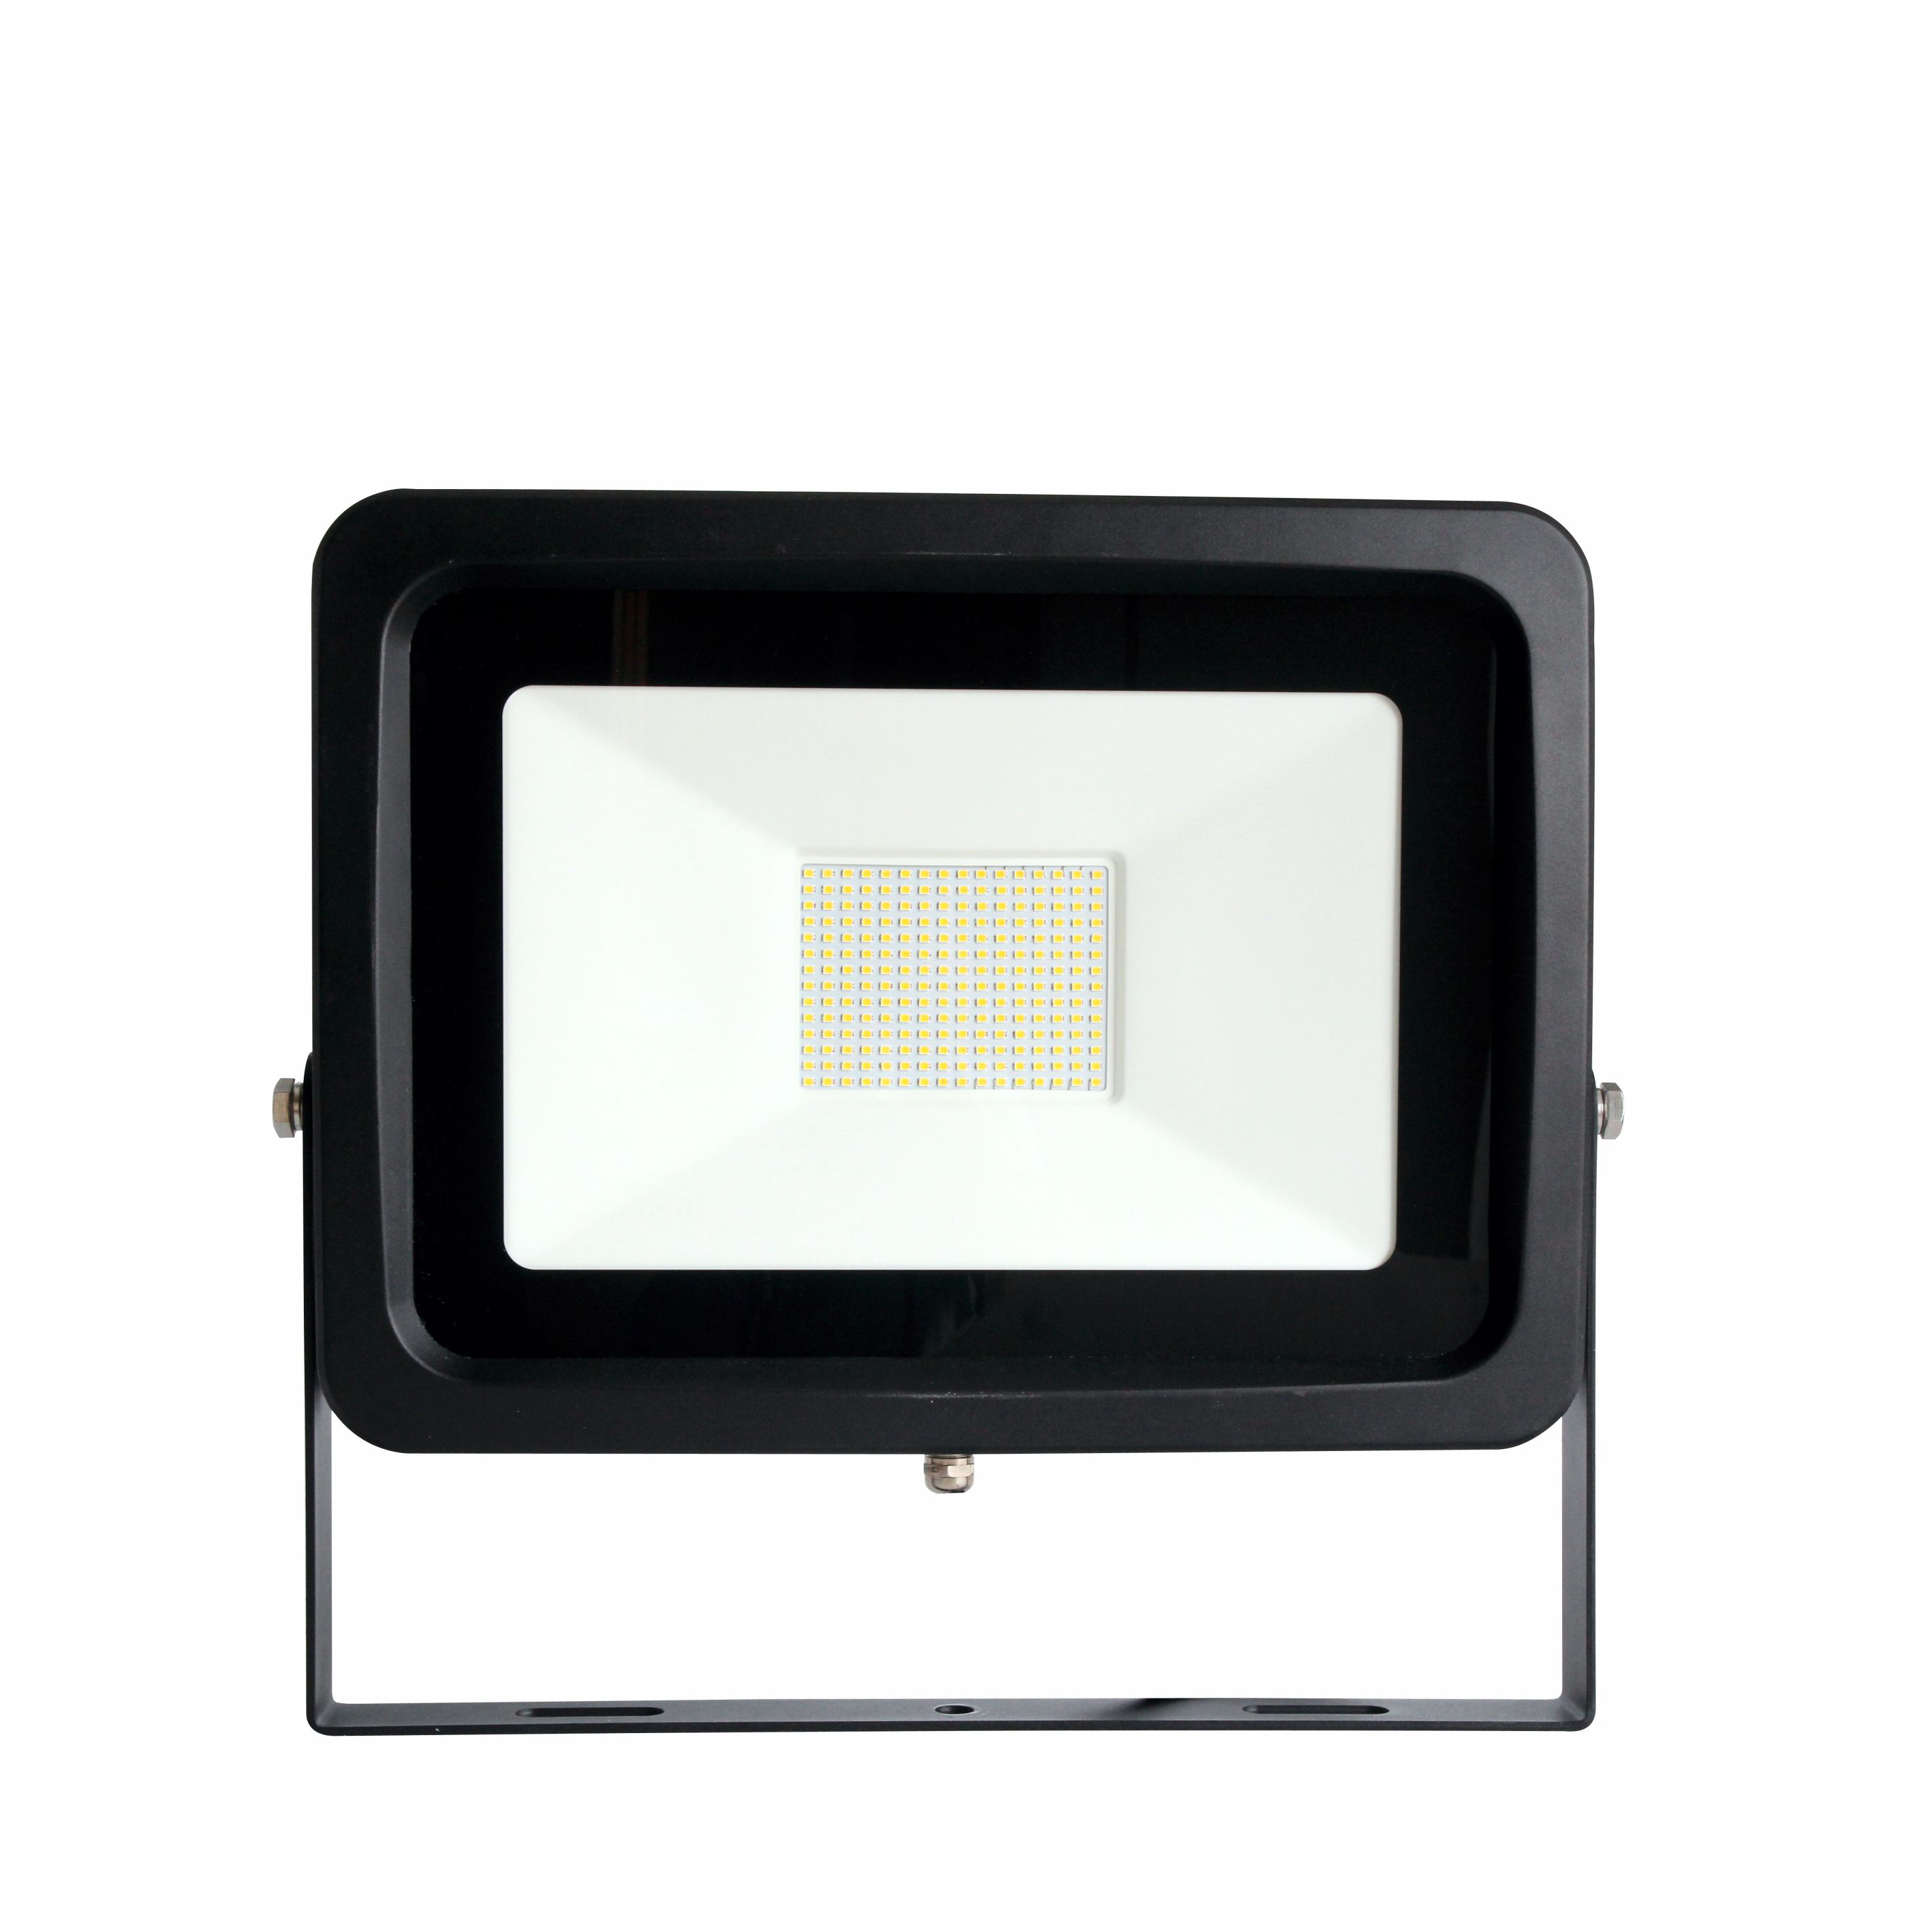 Projecteur SKY 150 Watt Beneito Faure en vente chez CONNECTILED